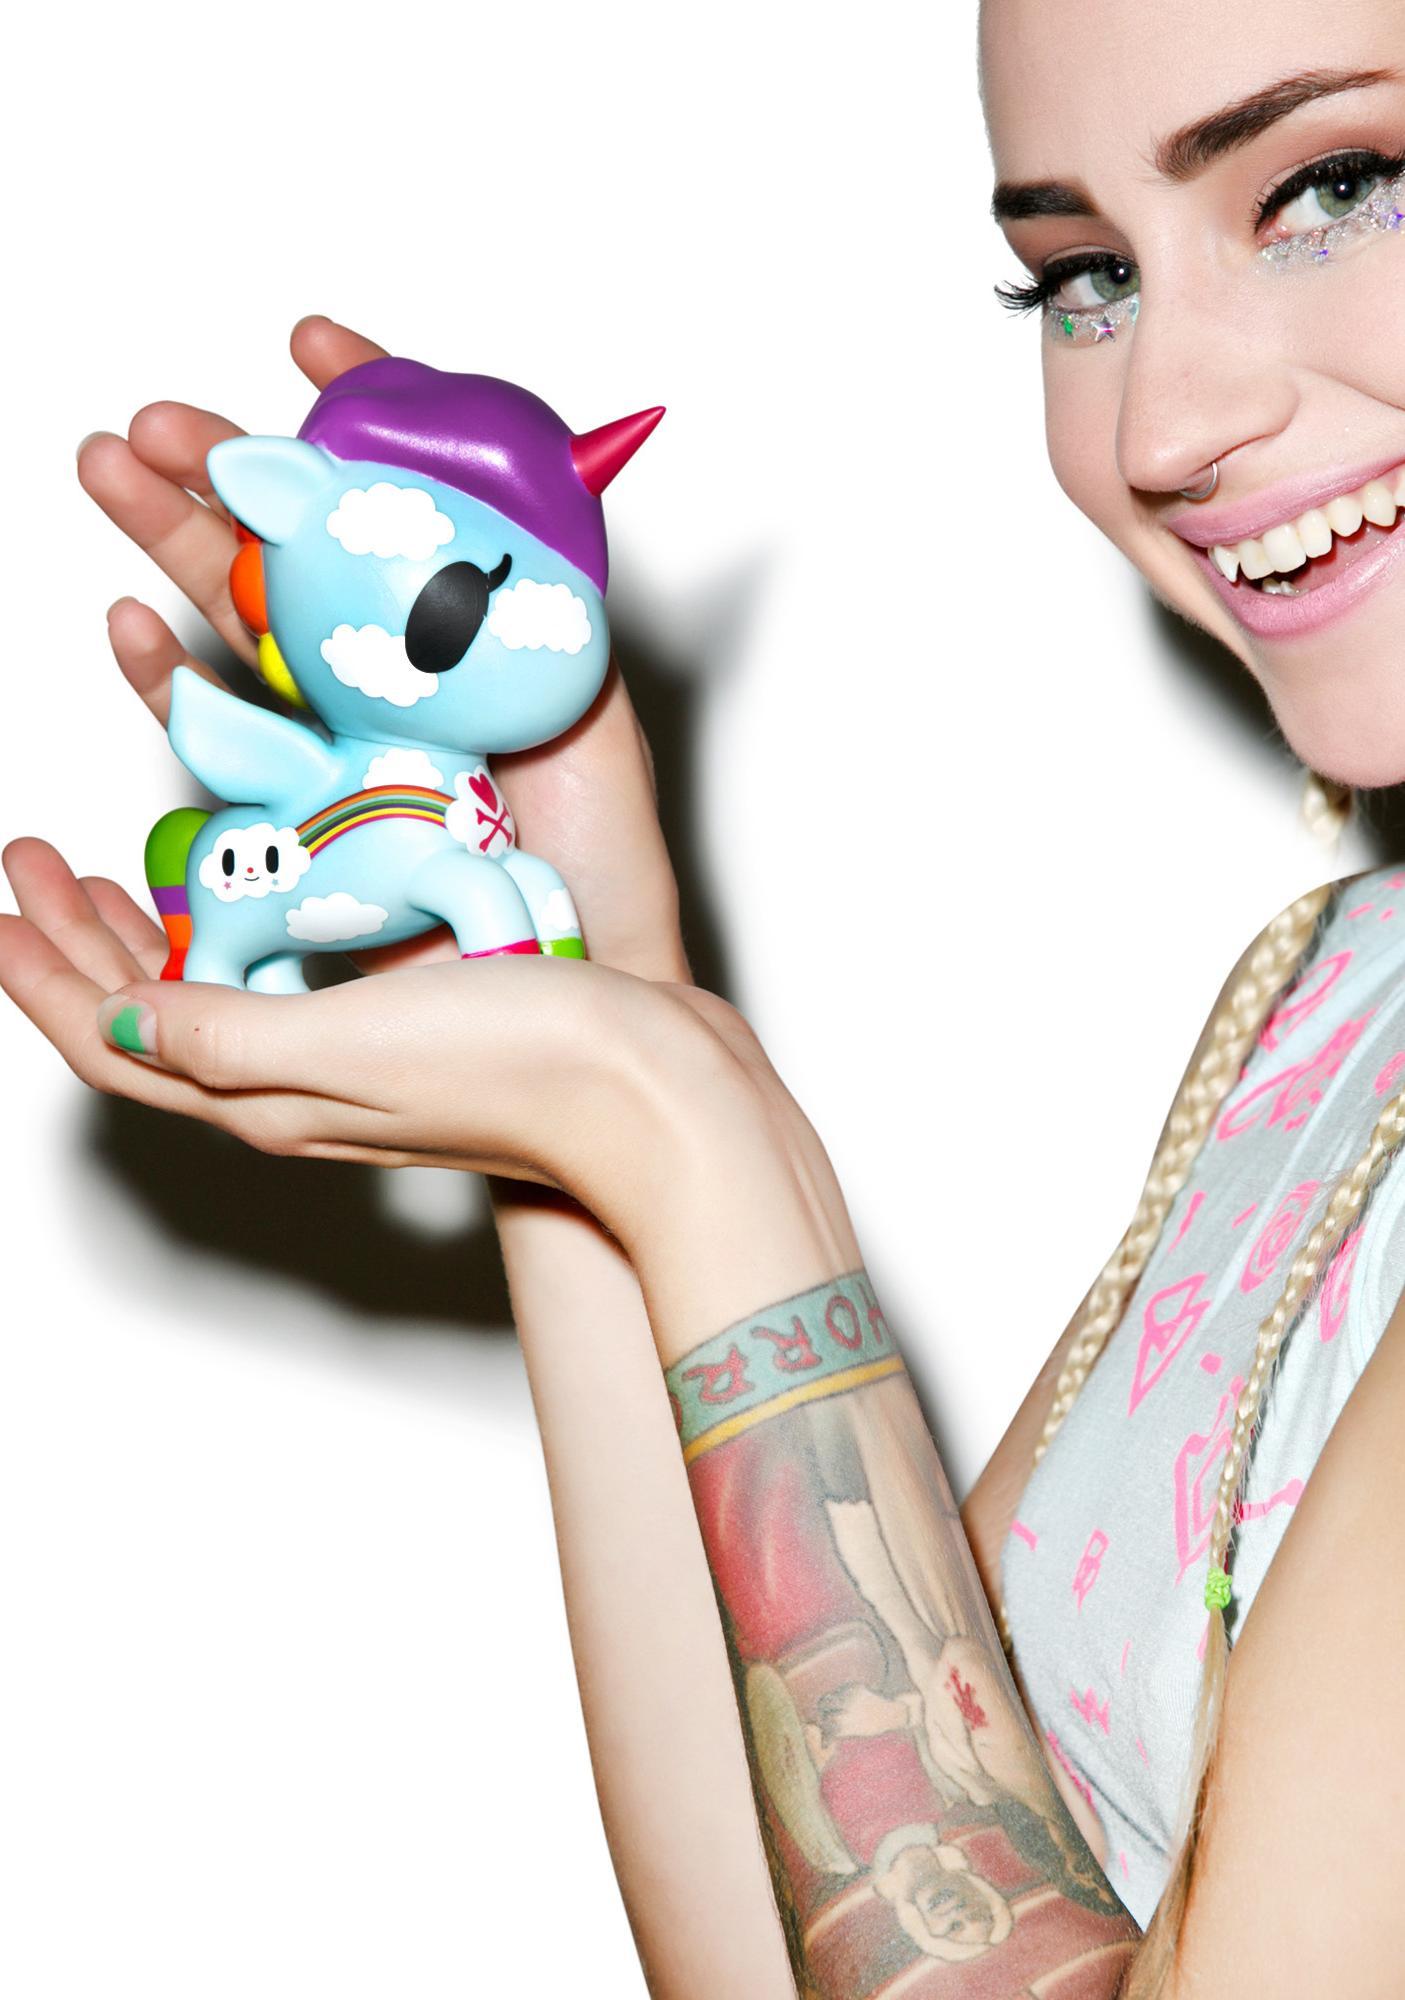 Tokidoki Pixie Unicorno Vinyl Toy